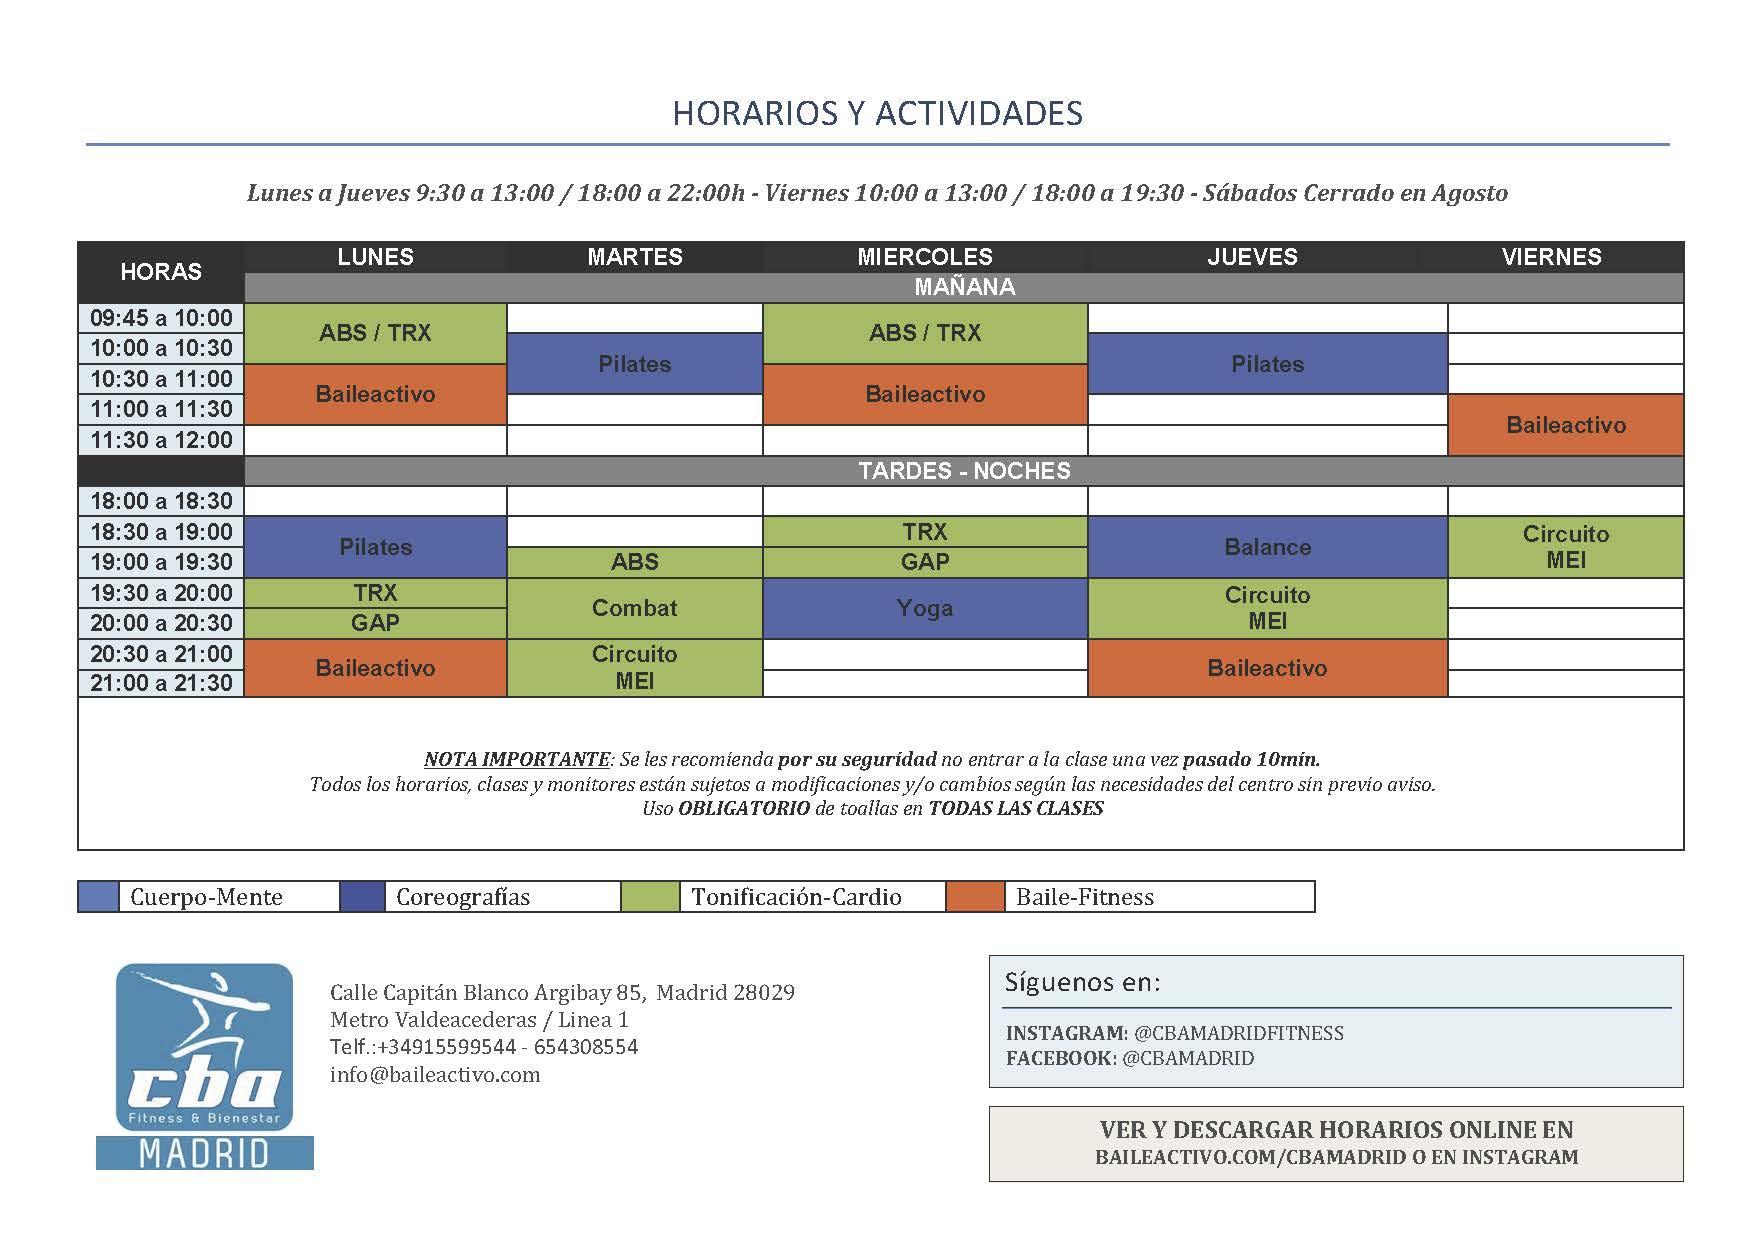 HORIAIOS ACTIVIDADES FITNESS | COLECTIVAS Y DIRIGIDAS